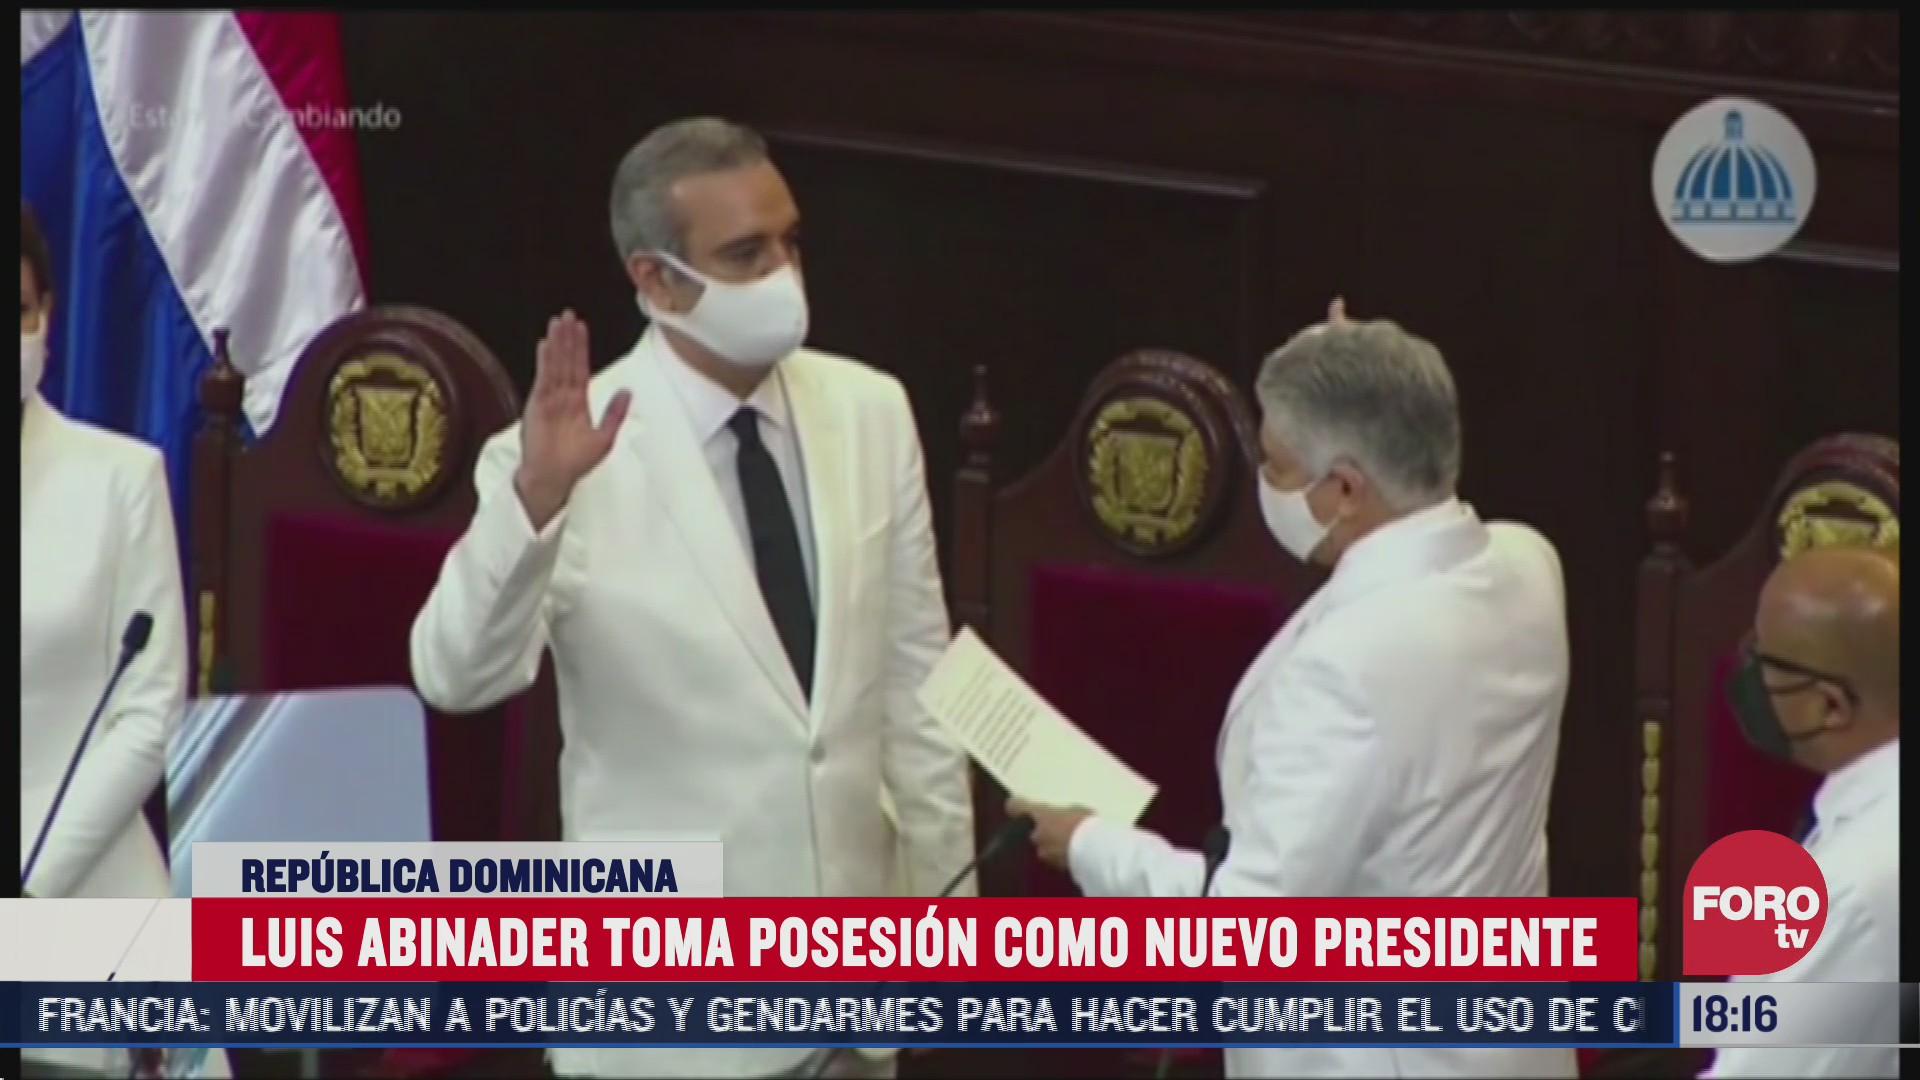 toma posesion nuevo presidente de republica dominicana